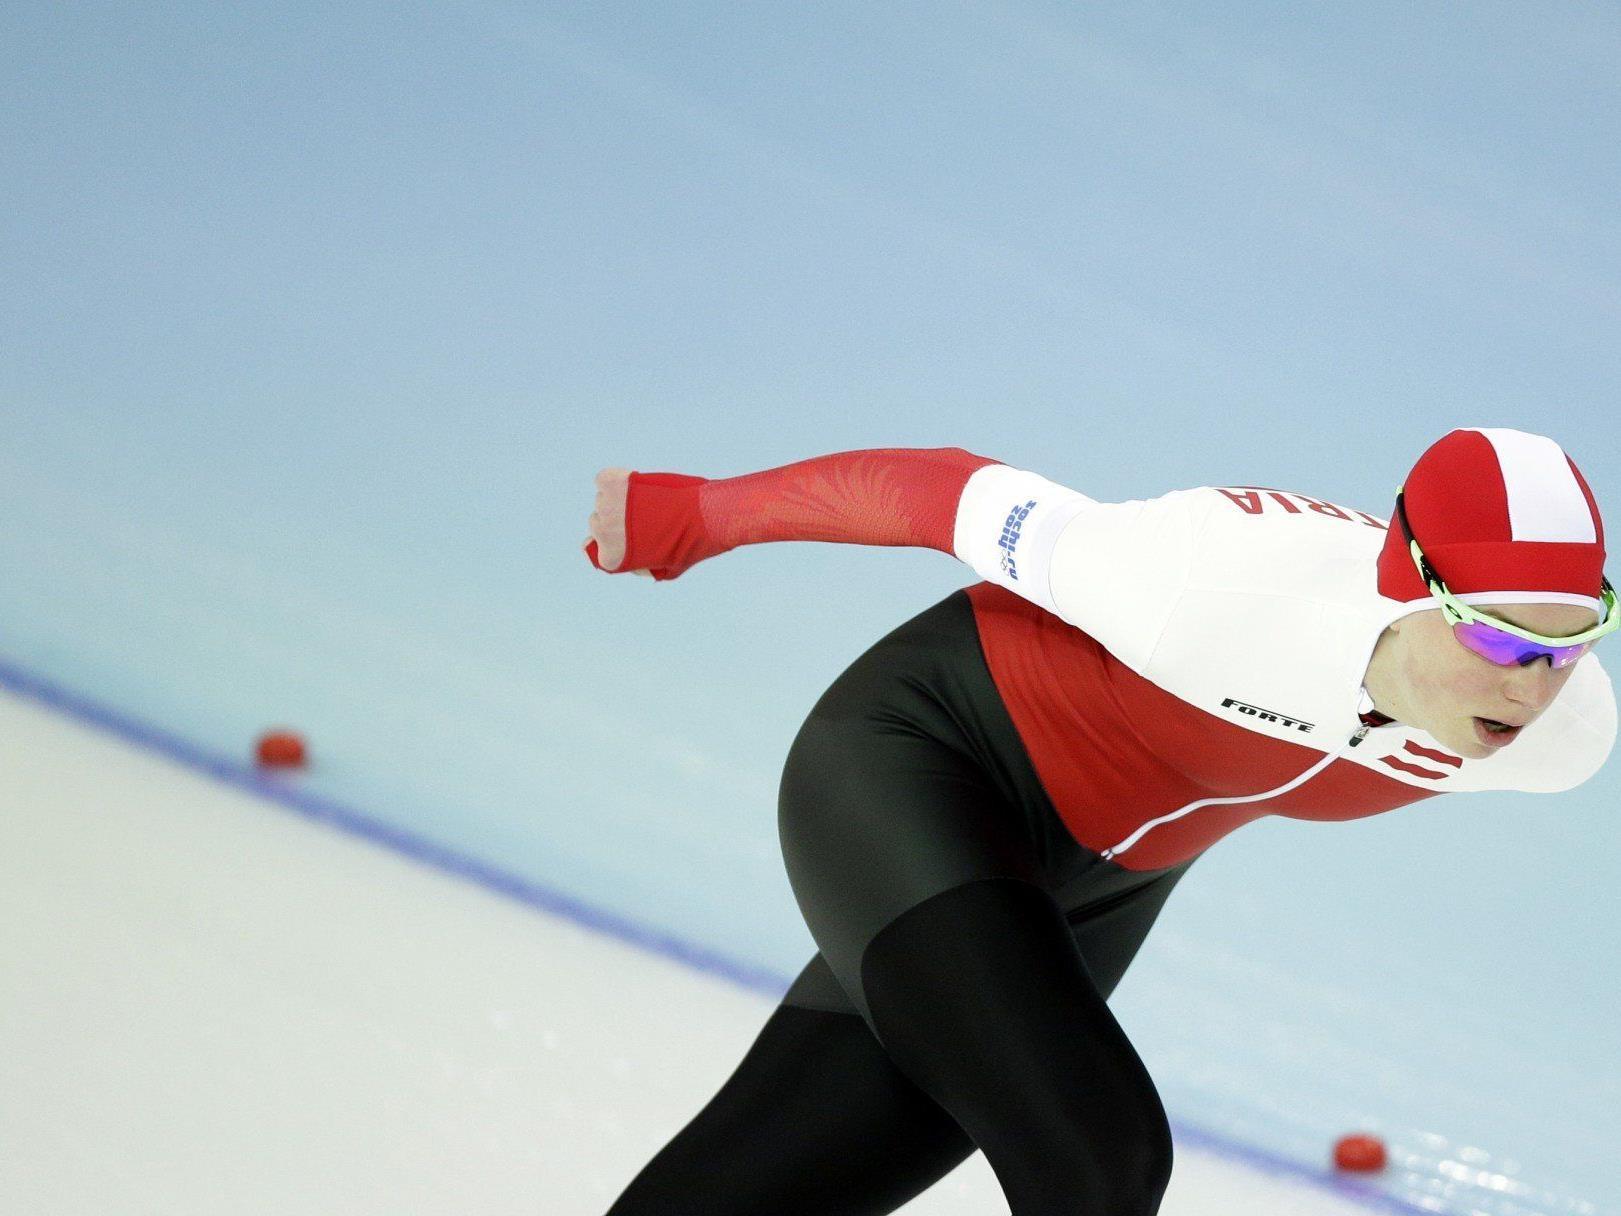 Eisschnellläuferin Anna Rokita stürzte während der Eröffnungsfeier und ging gehandicapt in den Bewerb.